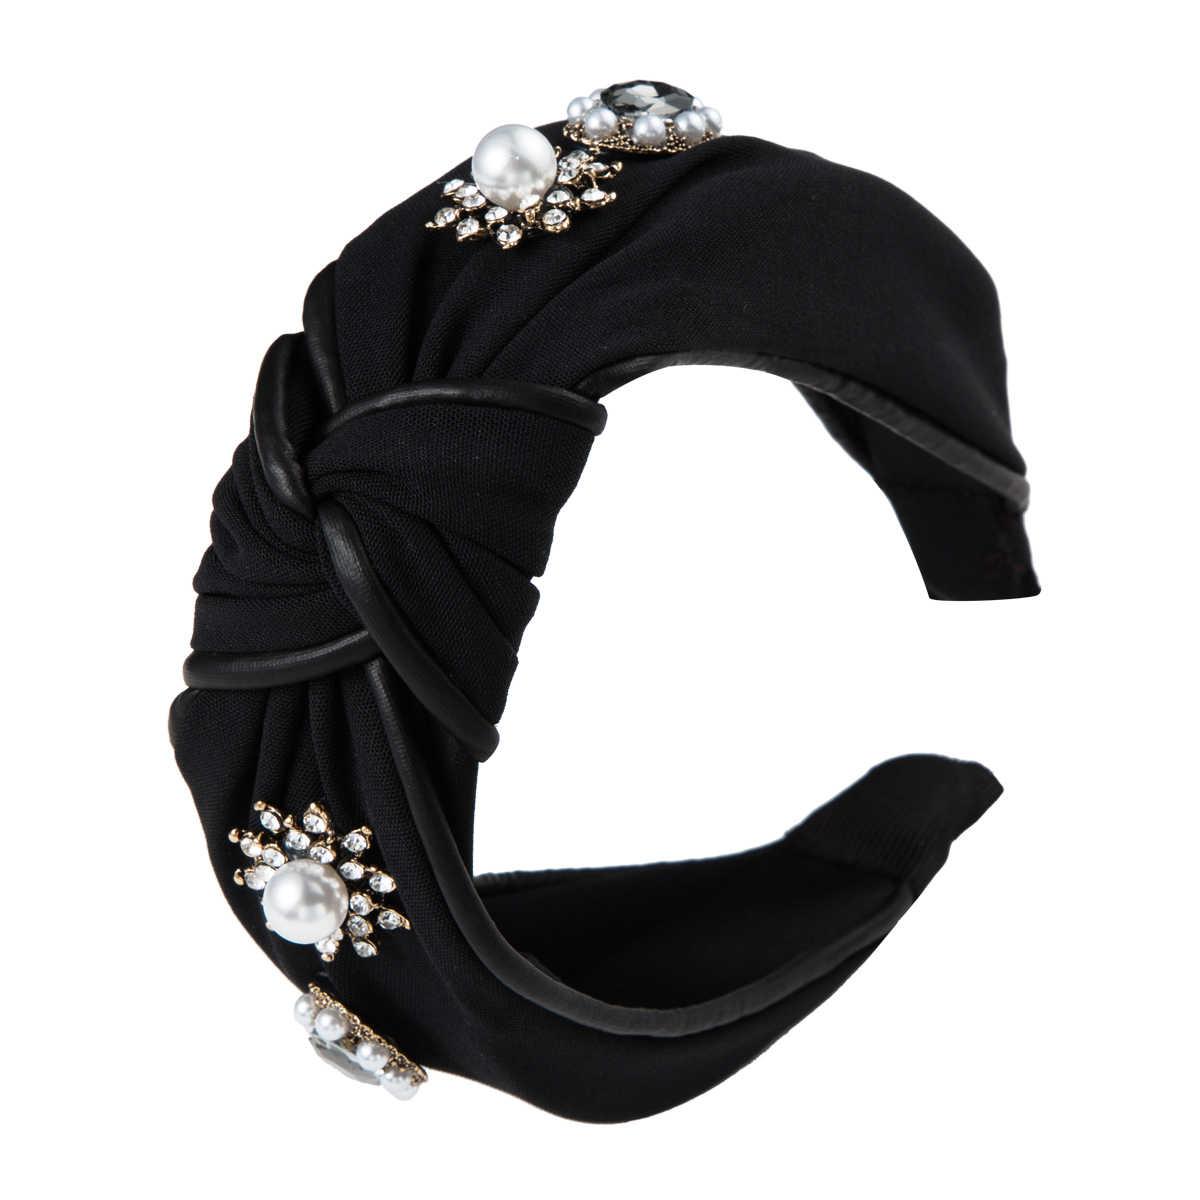 2020 coreano Strass Imitazione Della Perla Dei Capelli Del Cerchio per la Donna Ragazze Panno Avvolto Increspato Fascia per la Testa di Perle Annodate Larga Fasce Per Capelli